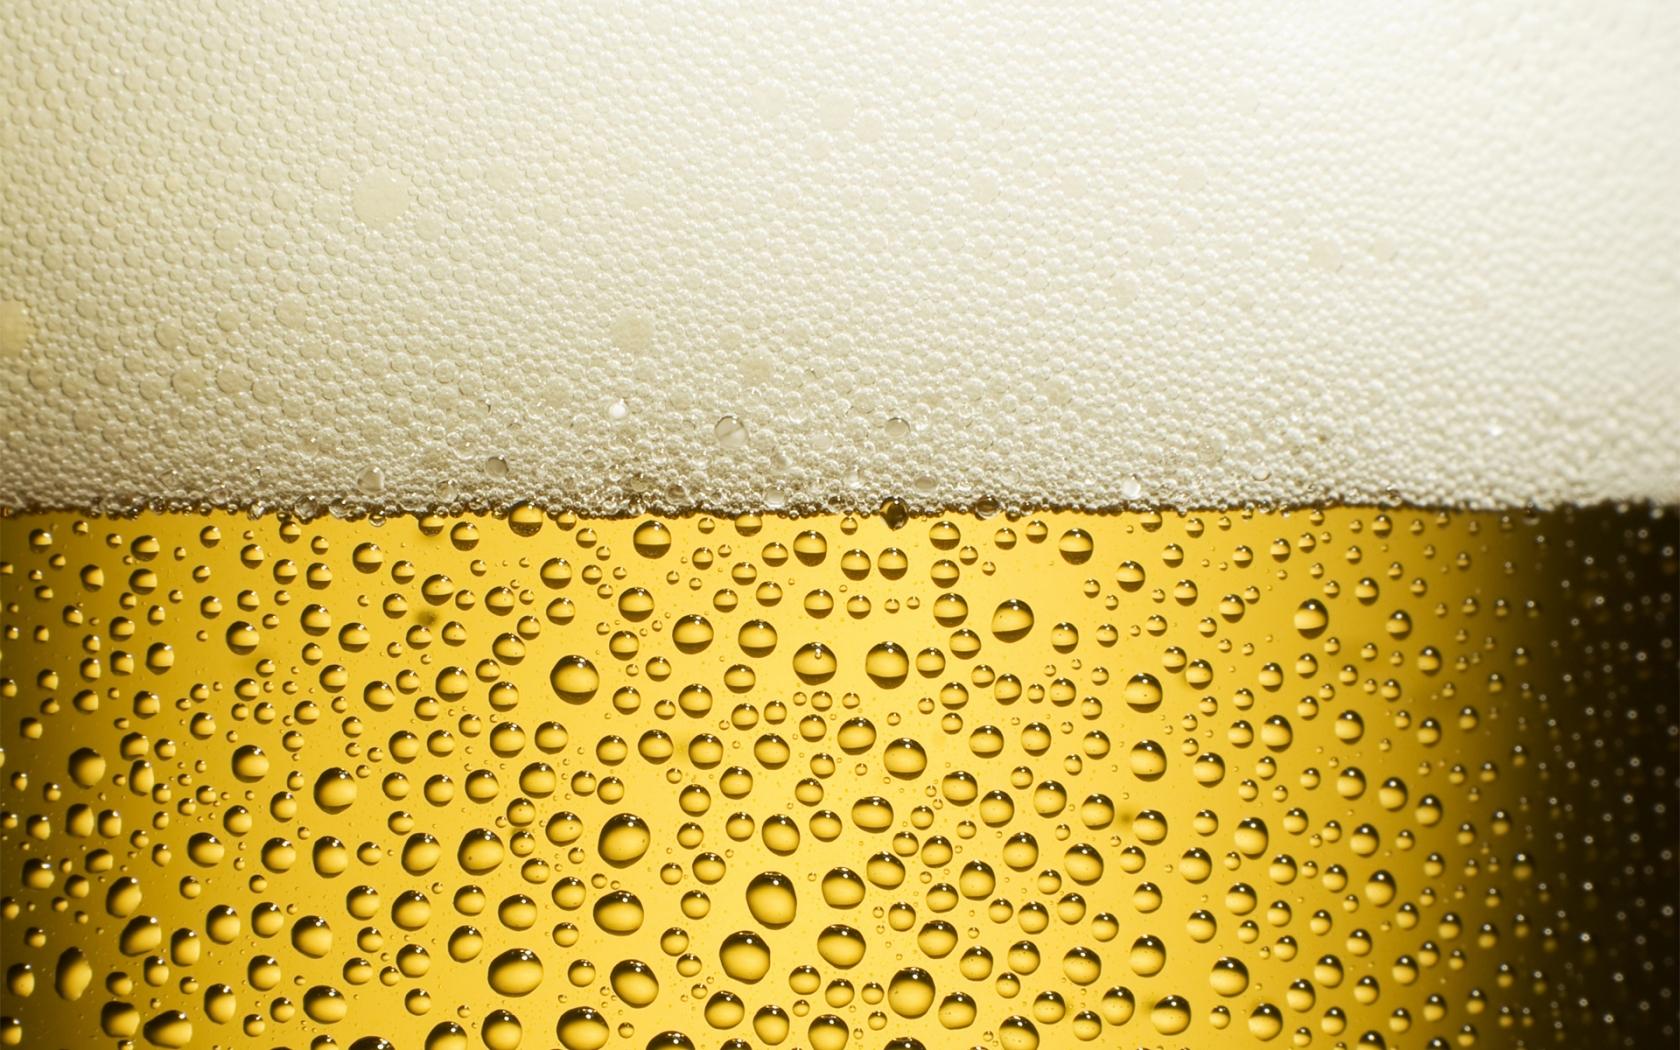 Vaso de cerveza - 1680x1050